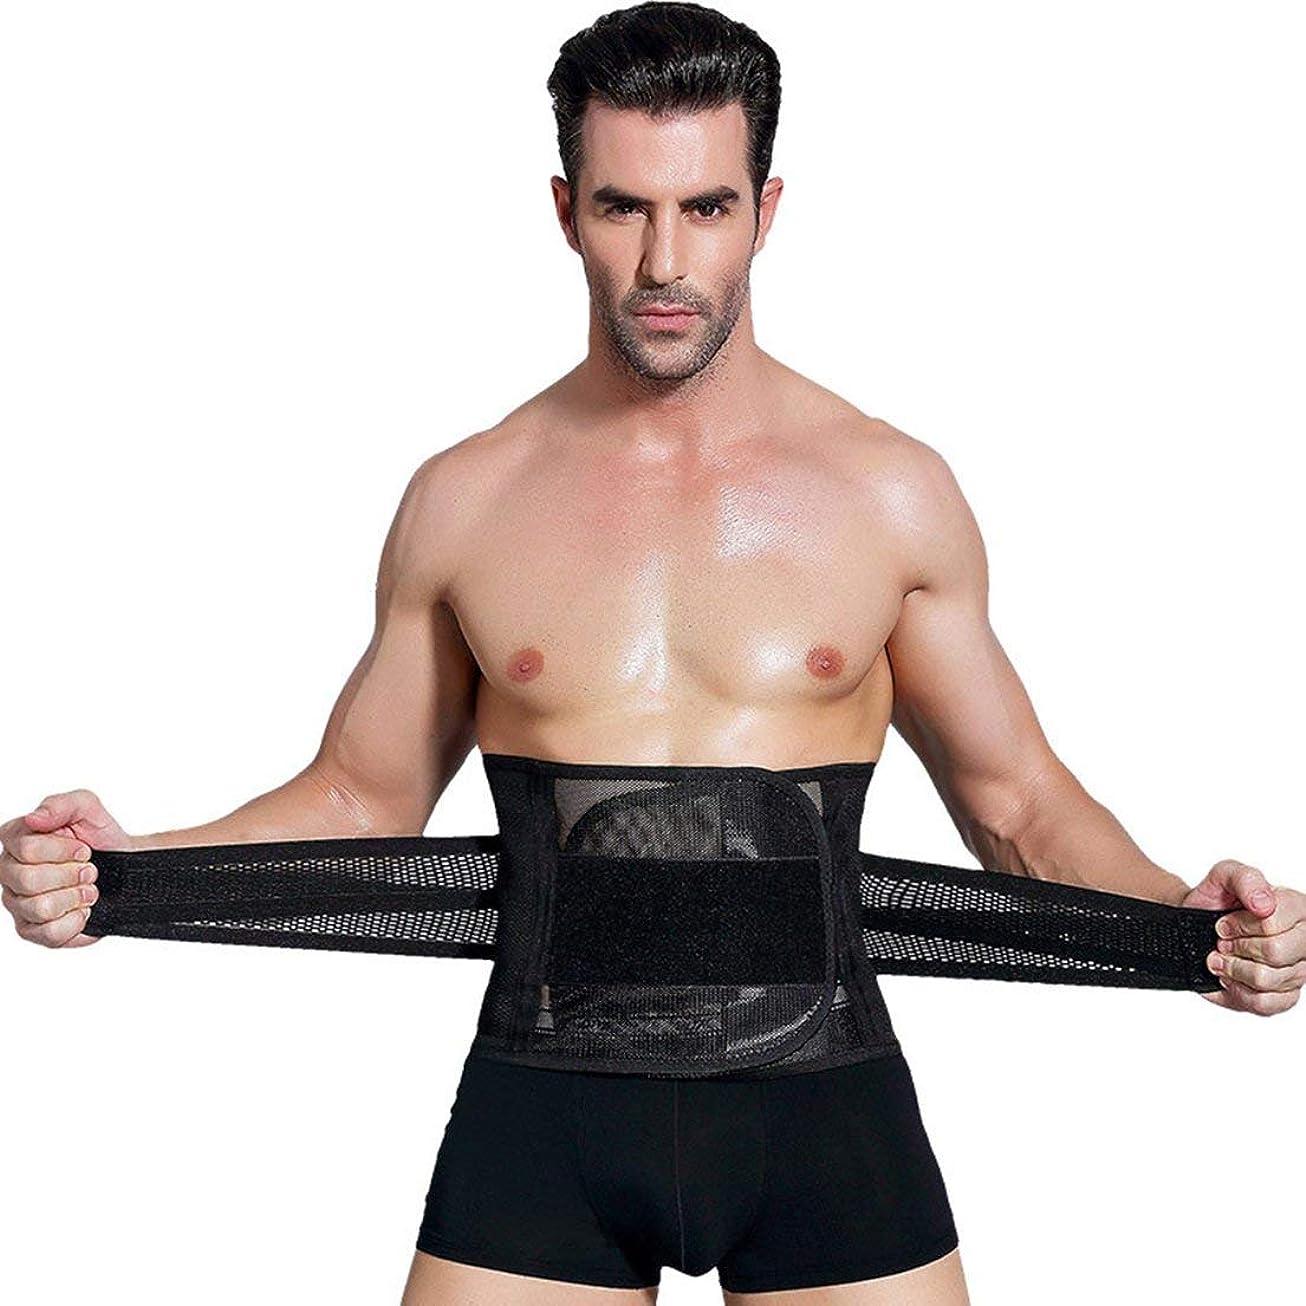 レルム旋律的一人で男性ボディシェイパーコルセット腹部おなかコントロールウエストトレーナーニッパー脂肪燃焼ガードル痩身腹ベルト用男性 - ブラックXXL